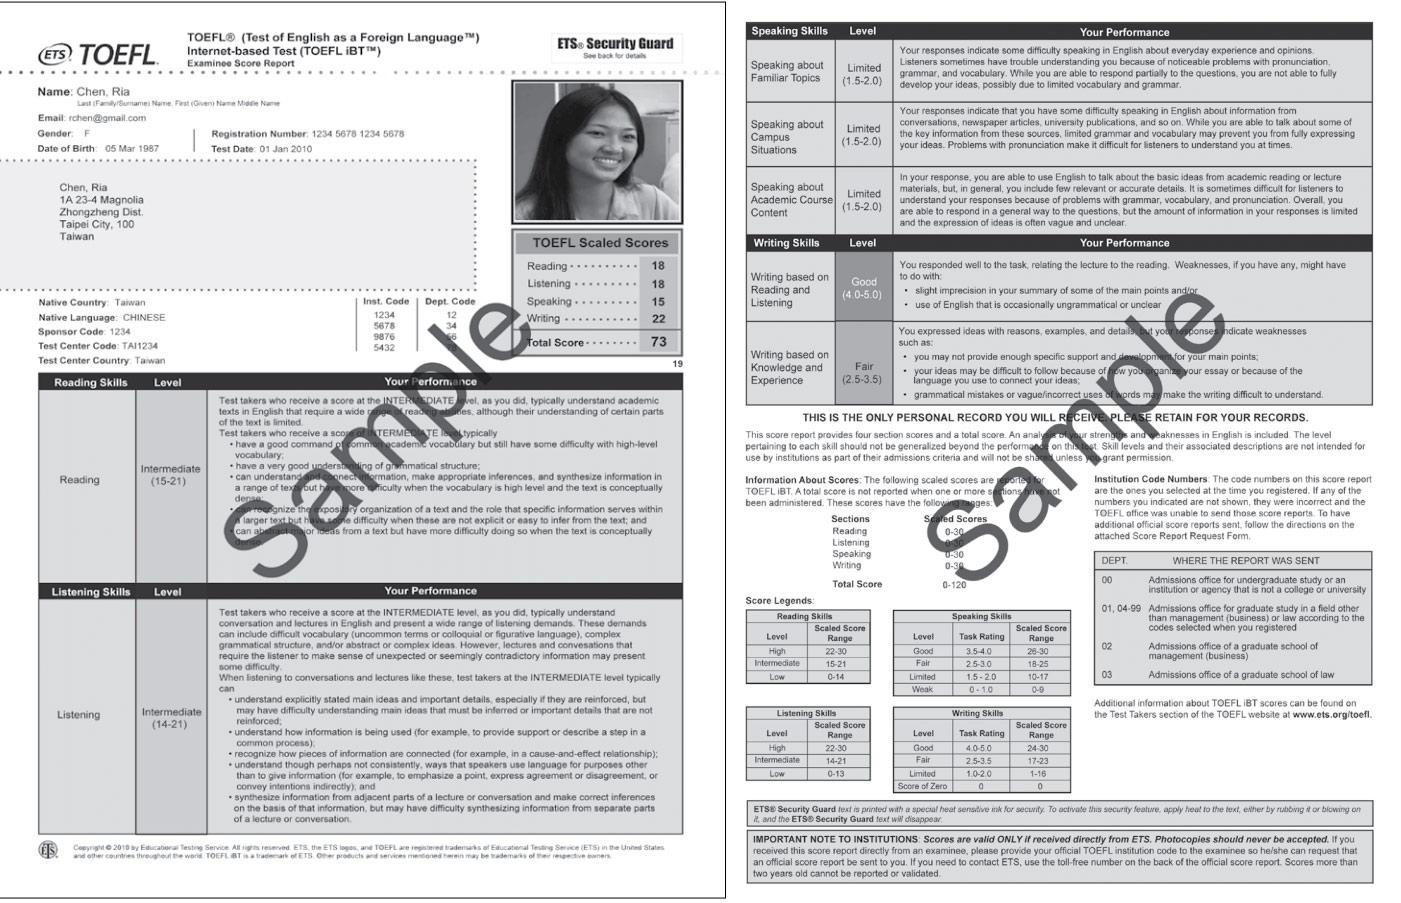 Как выглядит сертификат TOEFL, пример